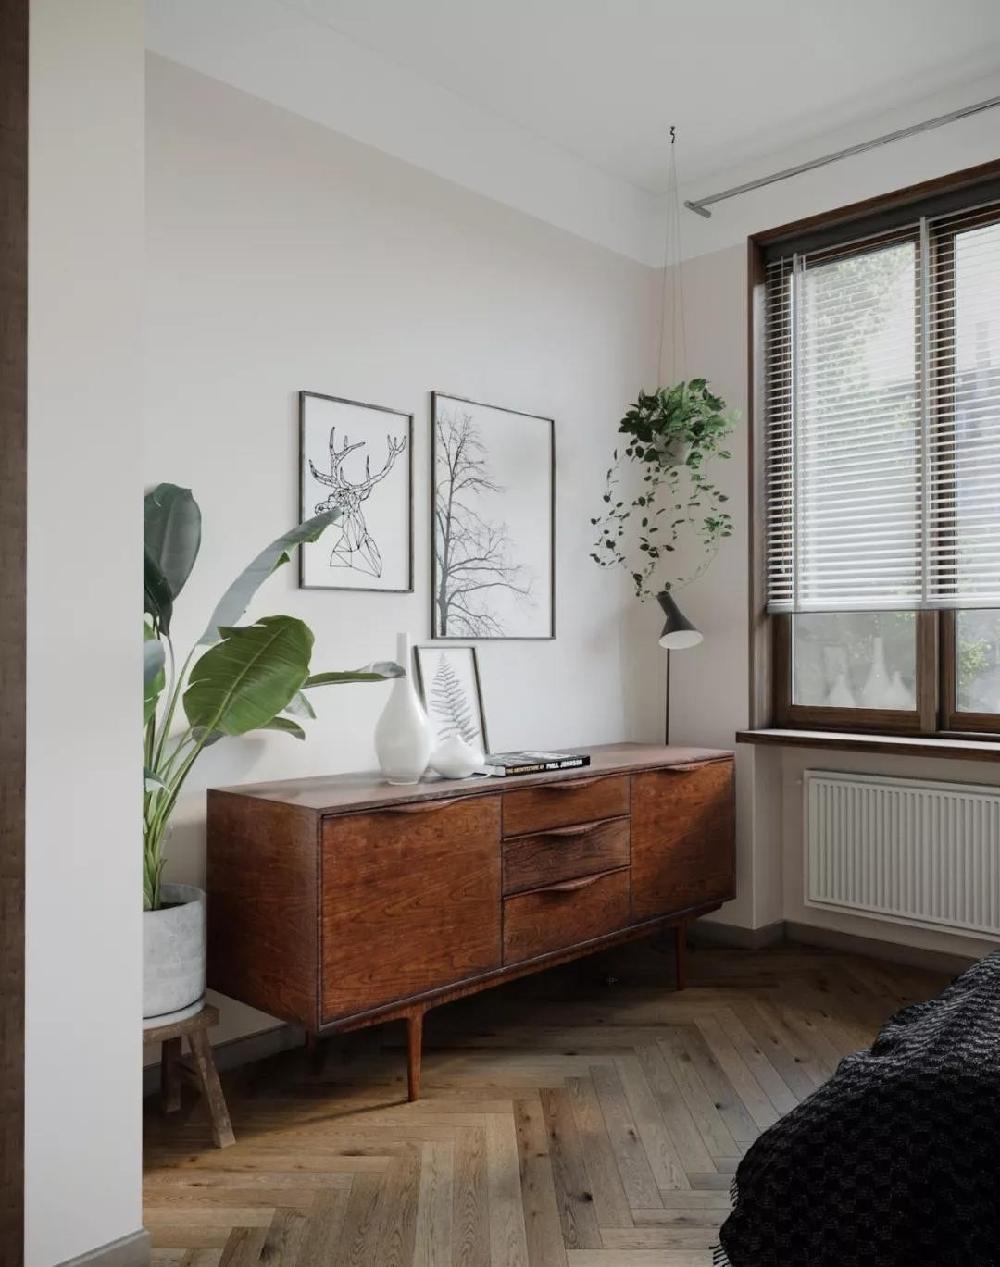 一室一廳的小宅,小平米也有大設計14223638